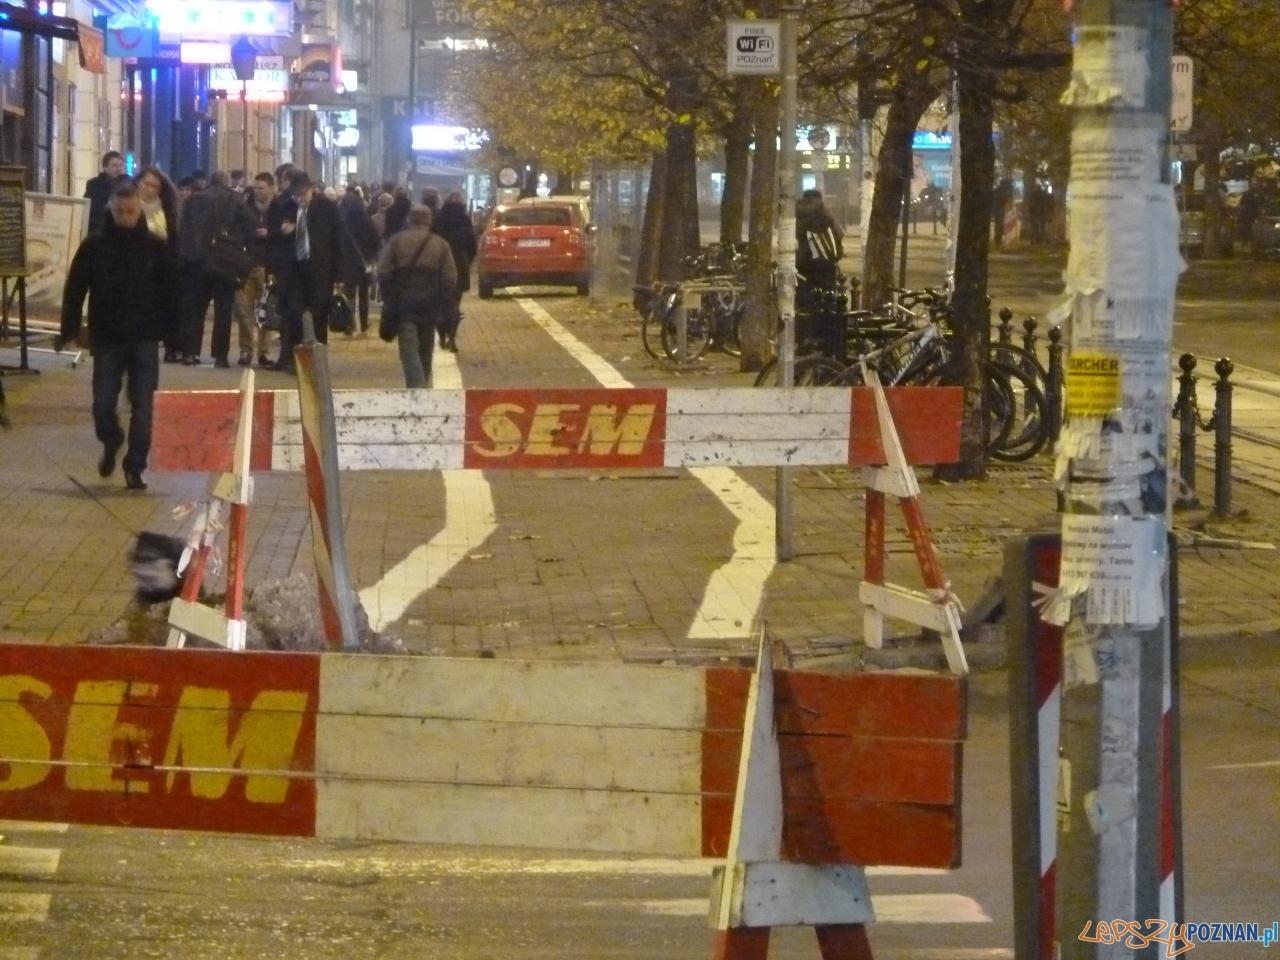 Wyznaczanie pasu rowerowego w strefie 30  Foto: Maciej K.